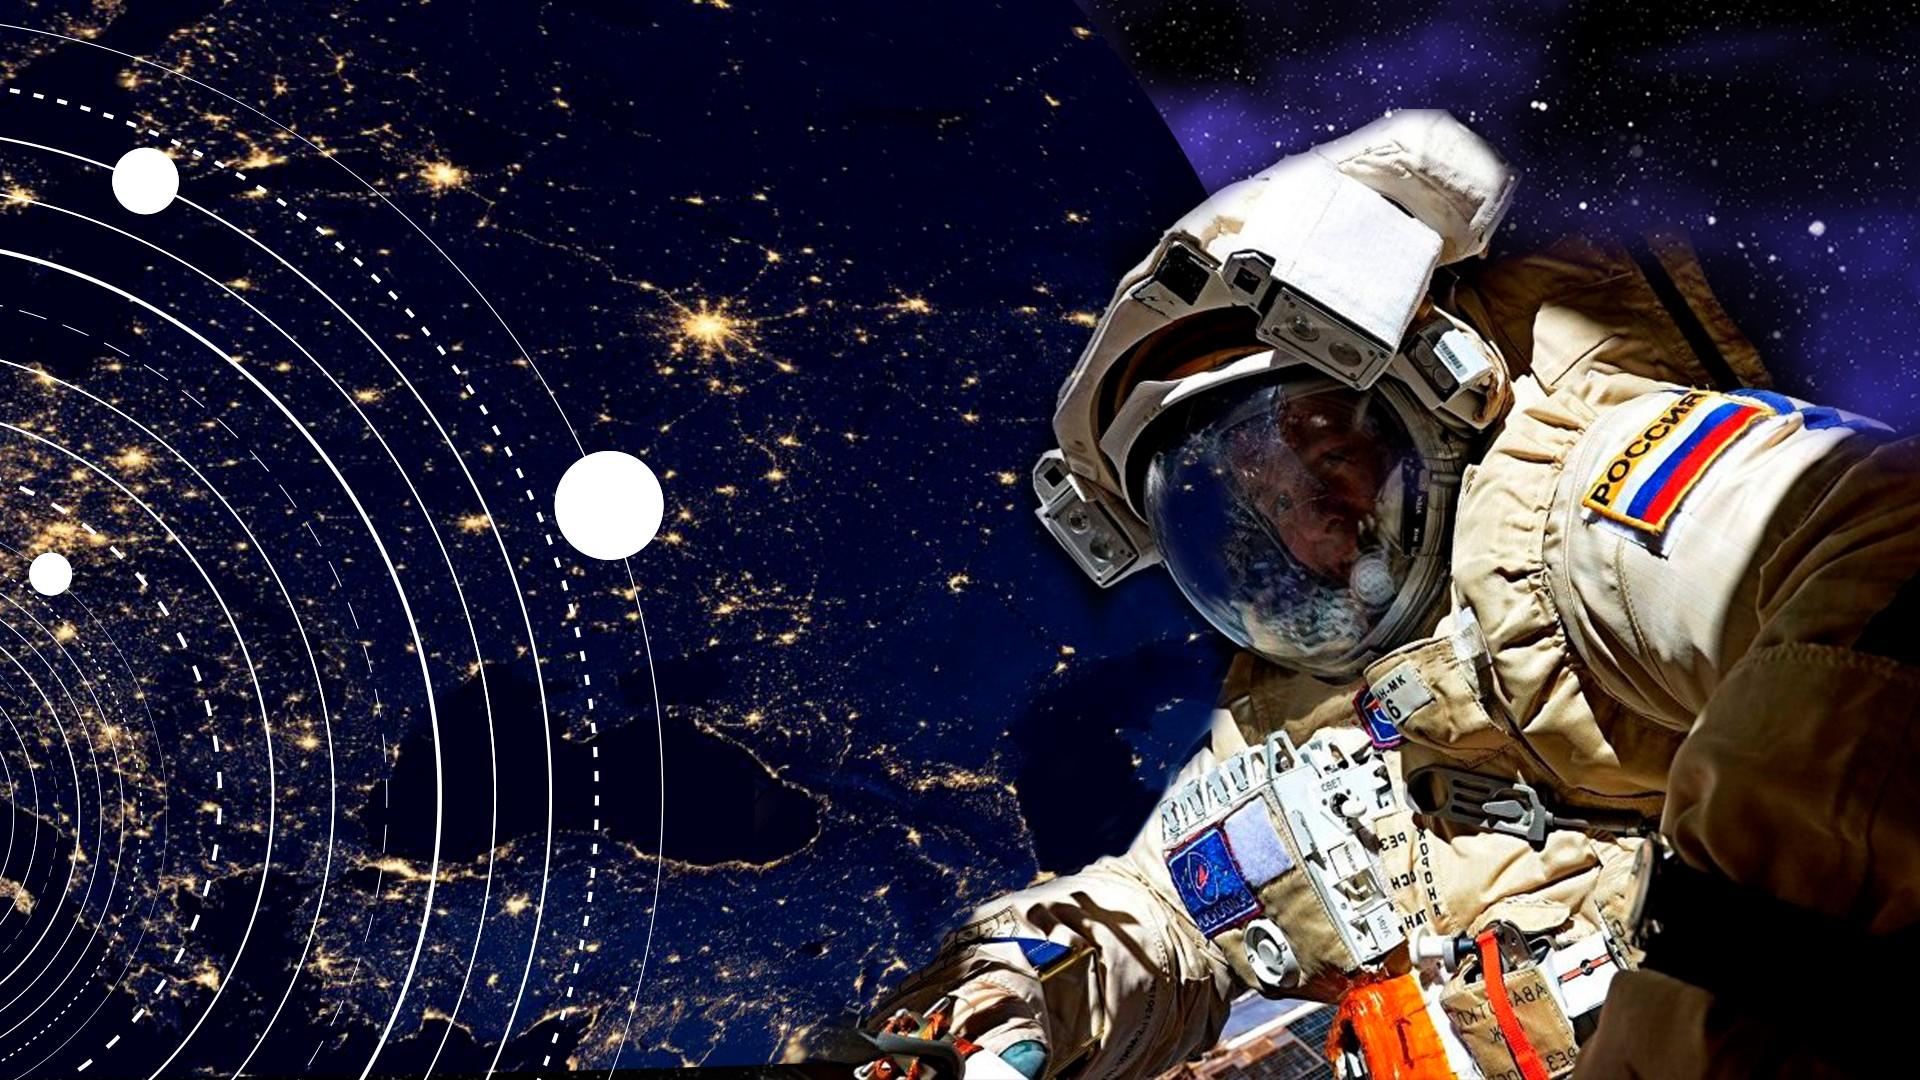 просто день космонавтики вертикальные картинки что огромное количество